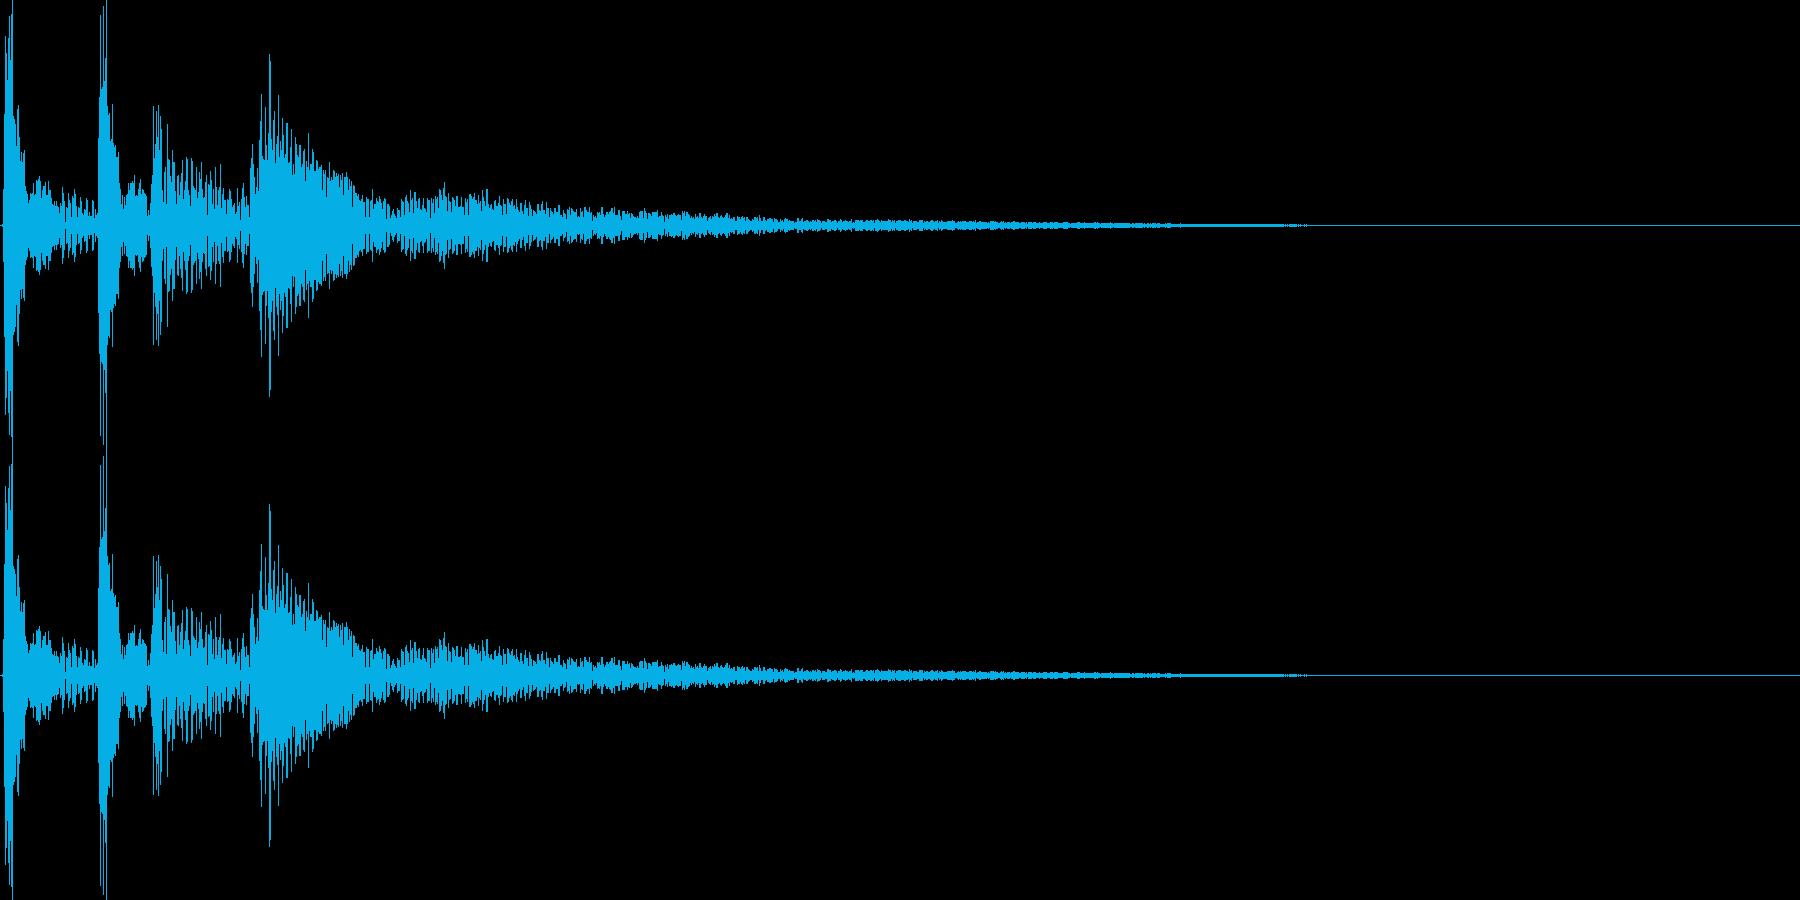 ガクッと落ち込む音の再生済みの波形